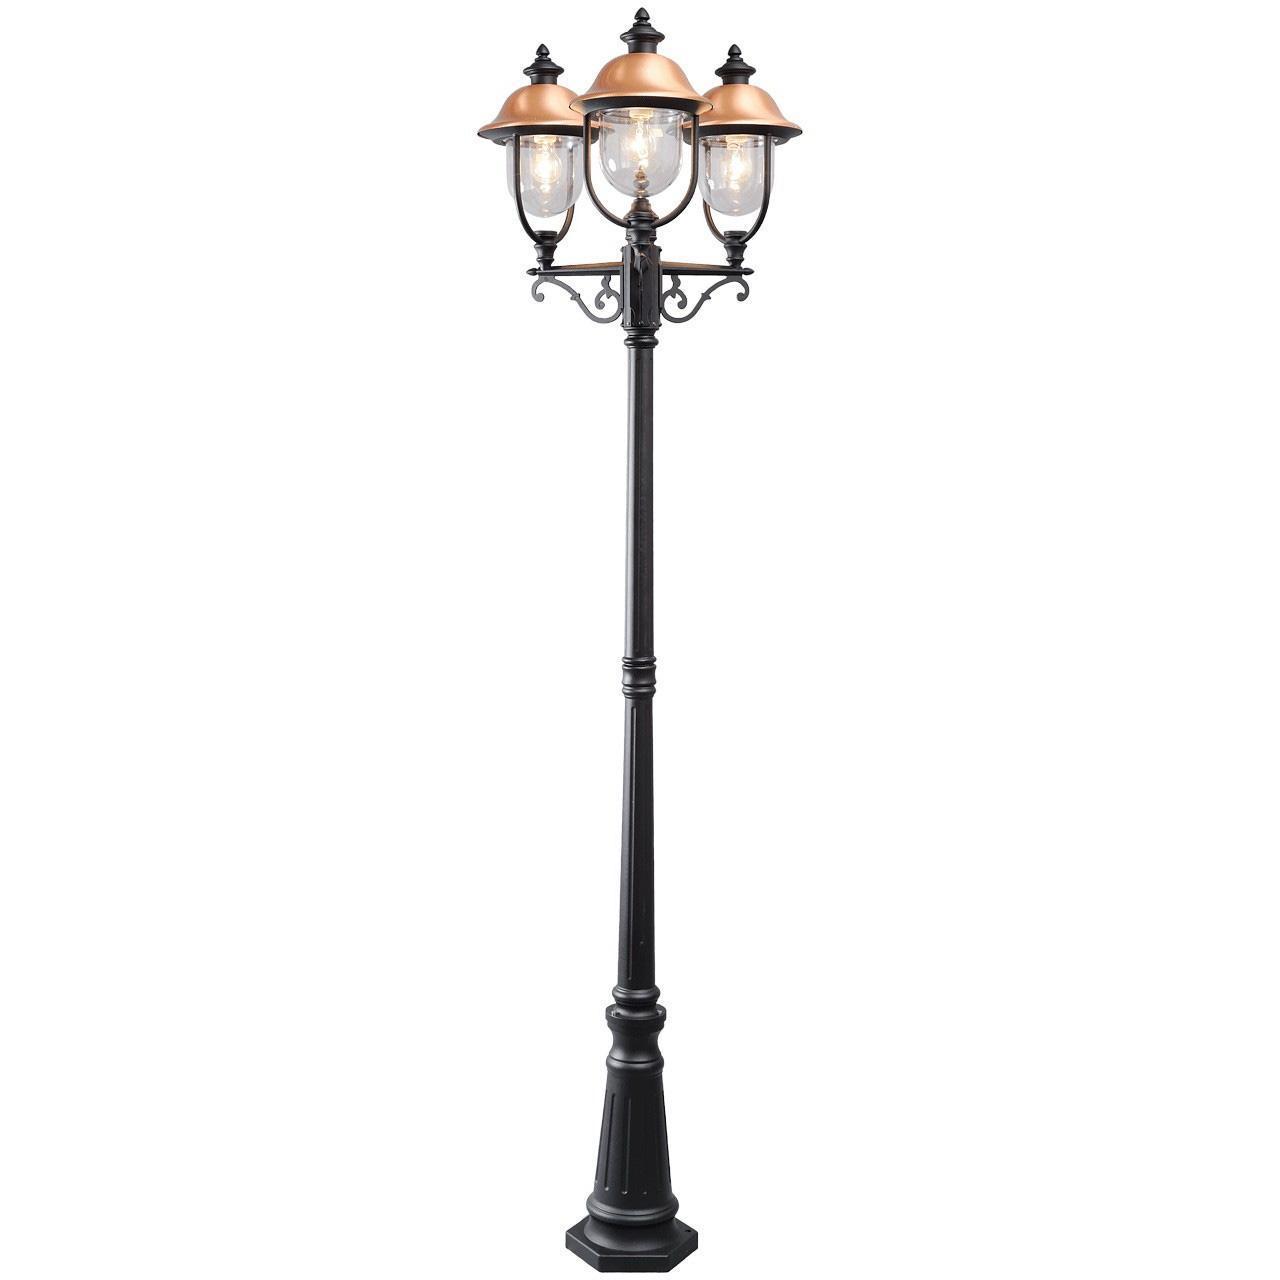 Садово-парковый светильник De Markt Дубай 805040702 mw light садово парковый светильник mw light дубай 805040702